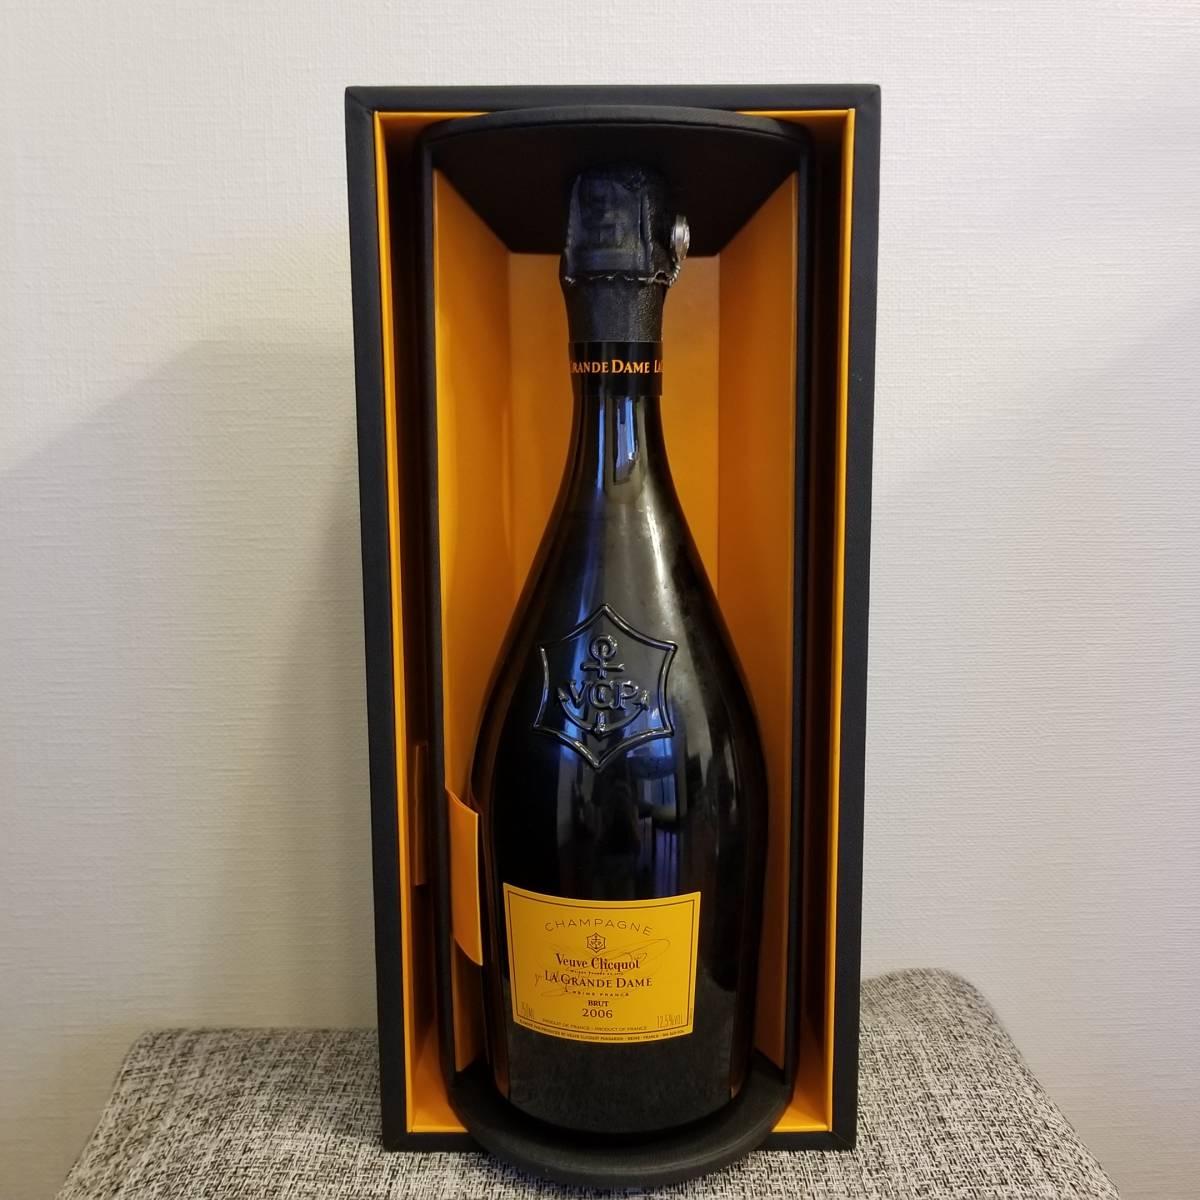 ヴーヴ クリコ ラ グランダム 2006 VEUVE CLICQUOT ブーブクリコ 箱付き シャンパン 750ml